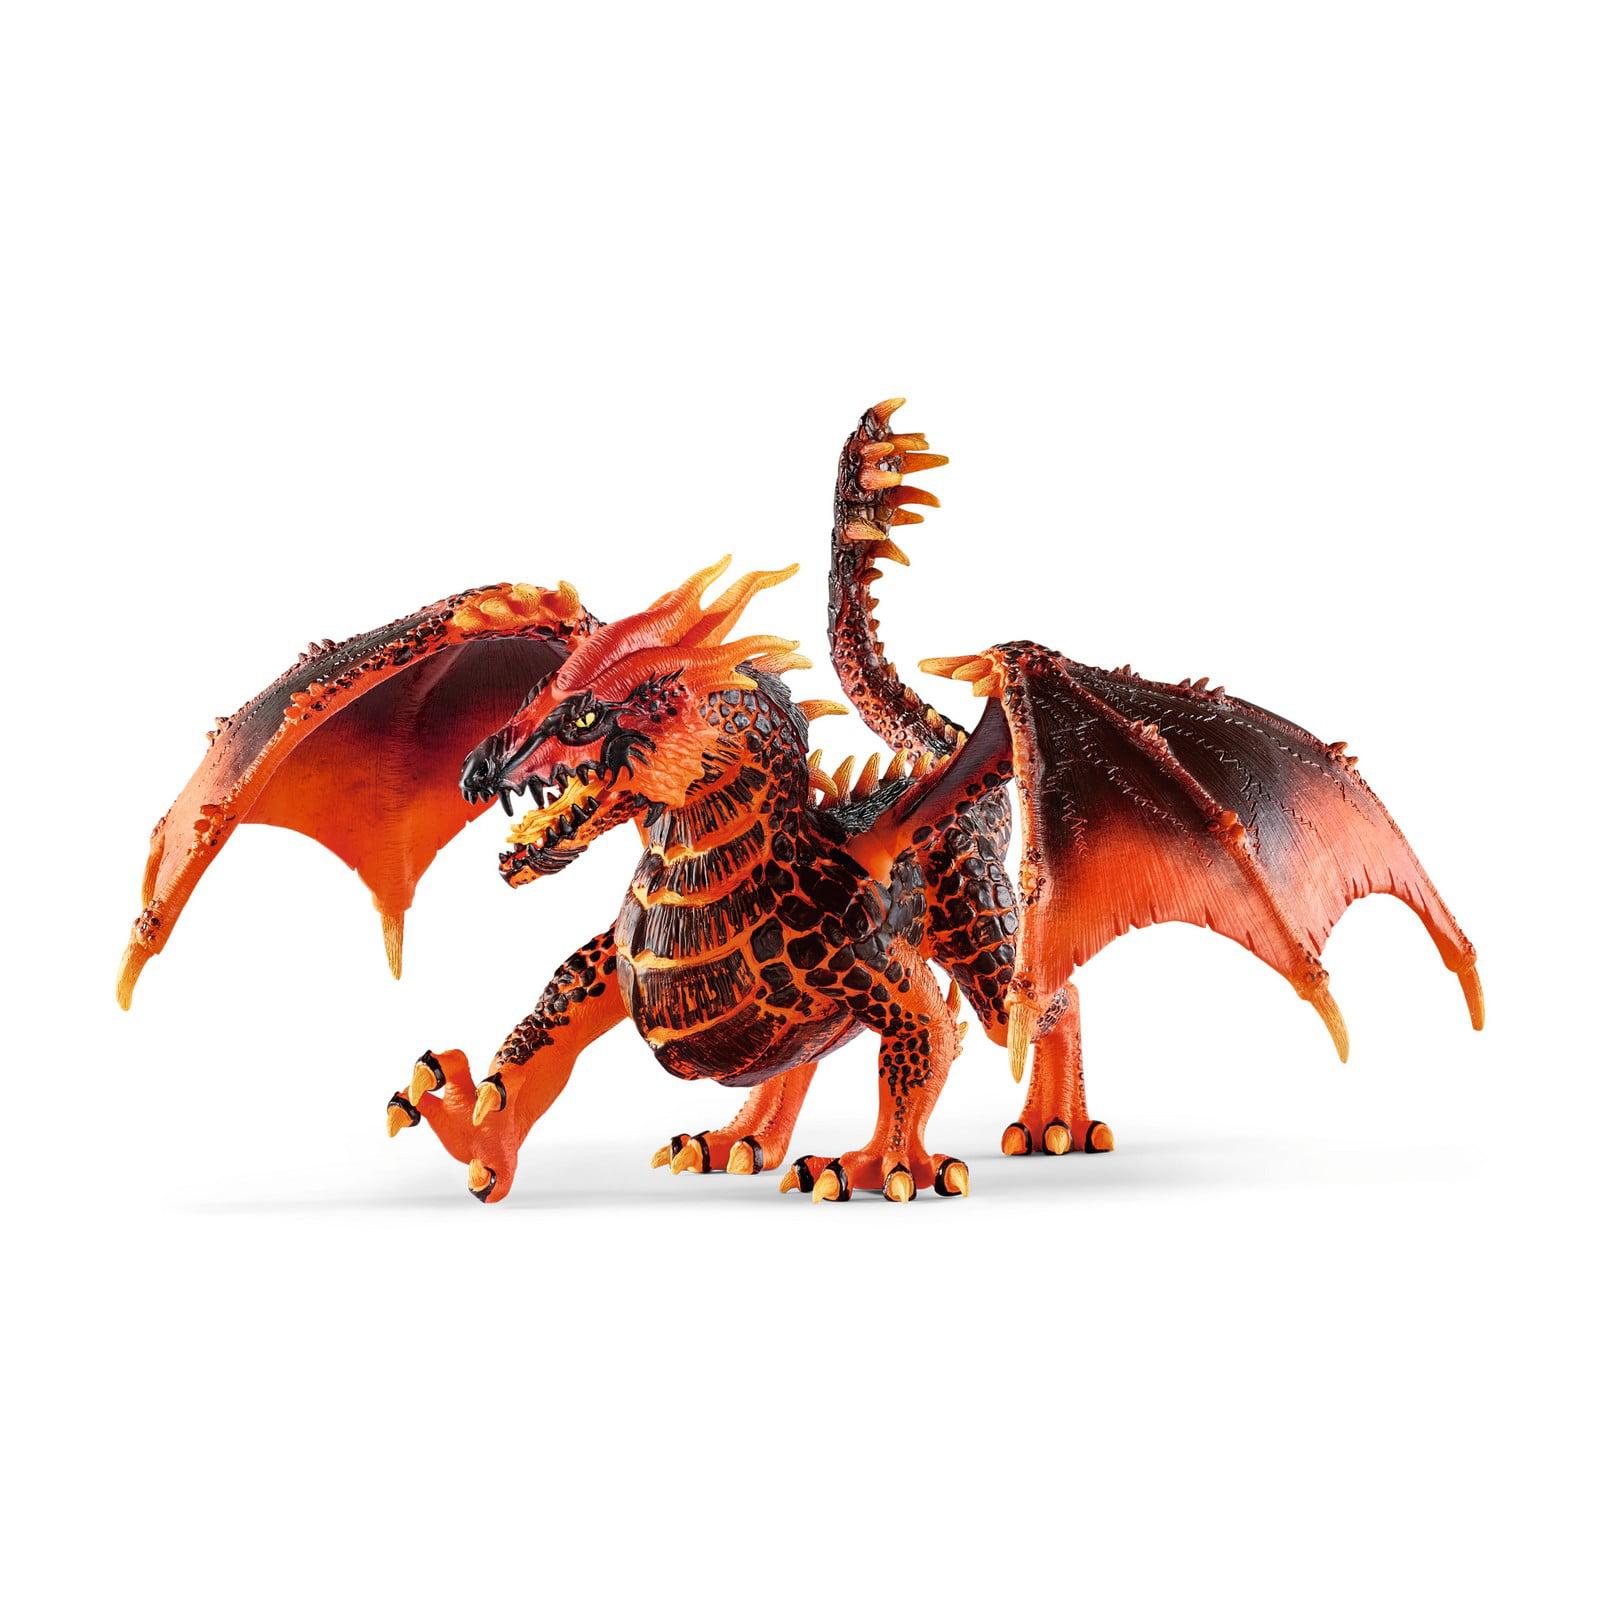 Schleich, Eldrador Creatures, Lava Dragon Toy Figurine